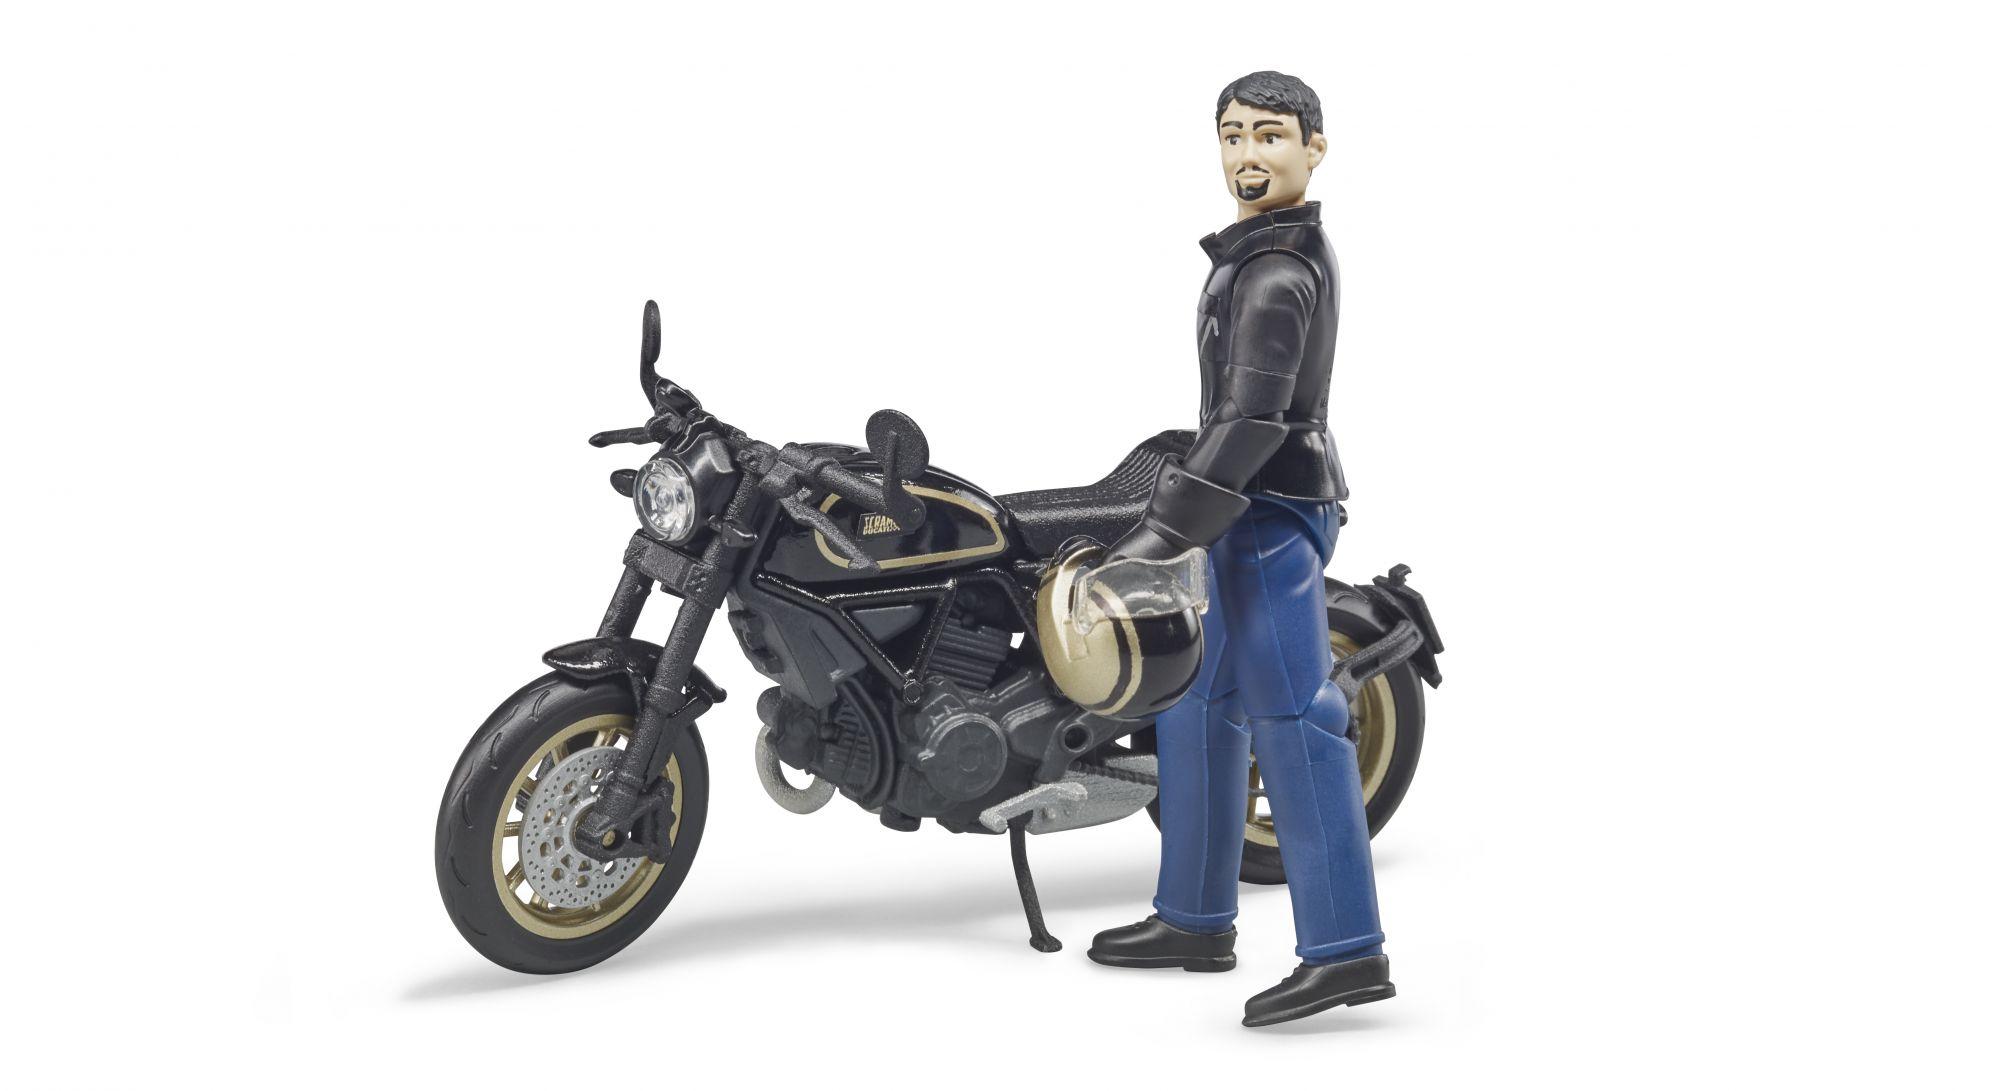 Ducatie Scrambler Cafe Racer